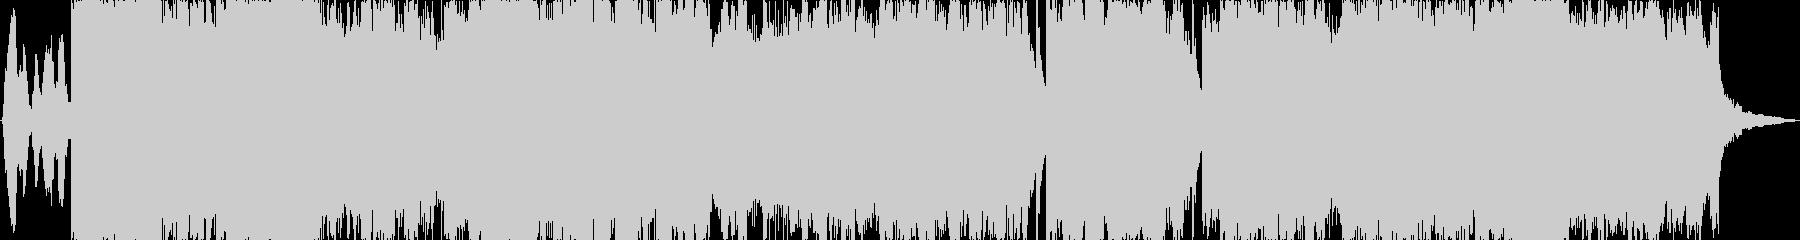 アニメの変身シーンなどにかかる曲の未再生の波形